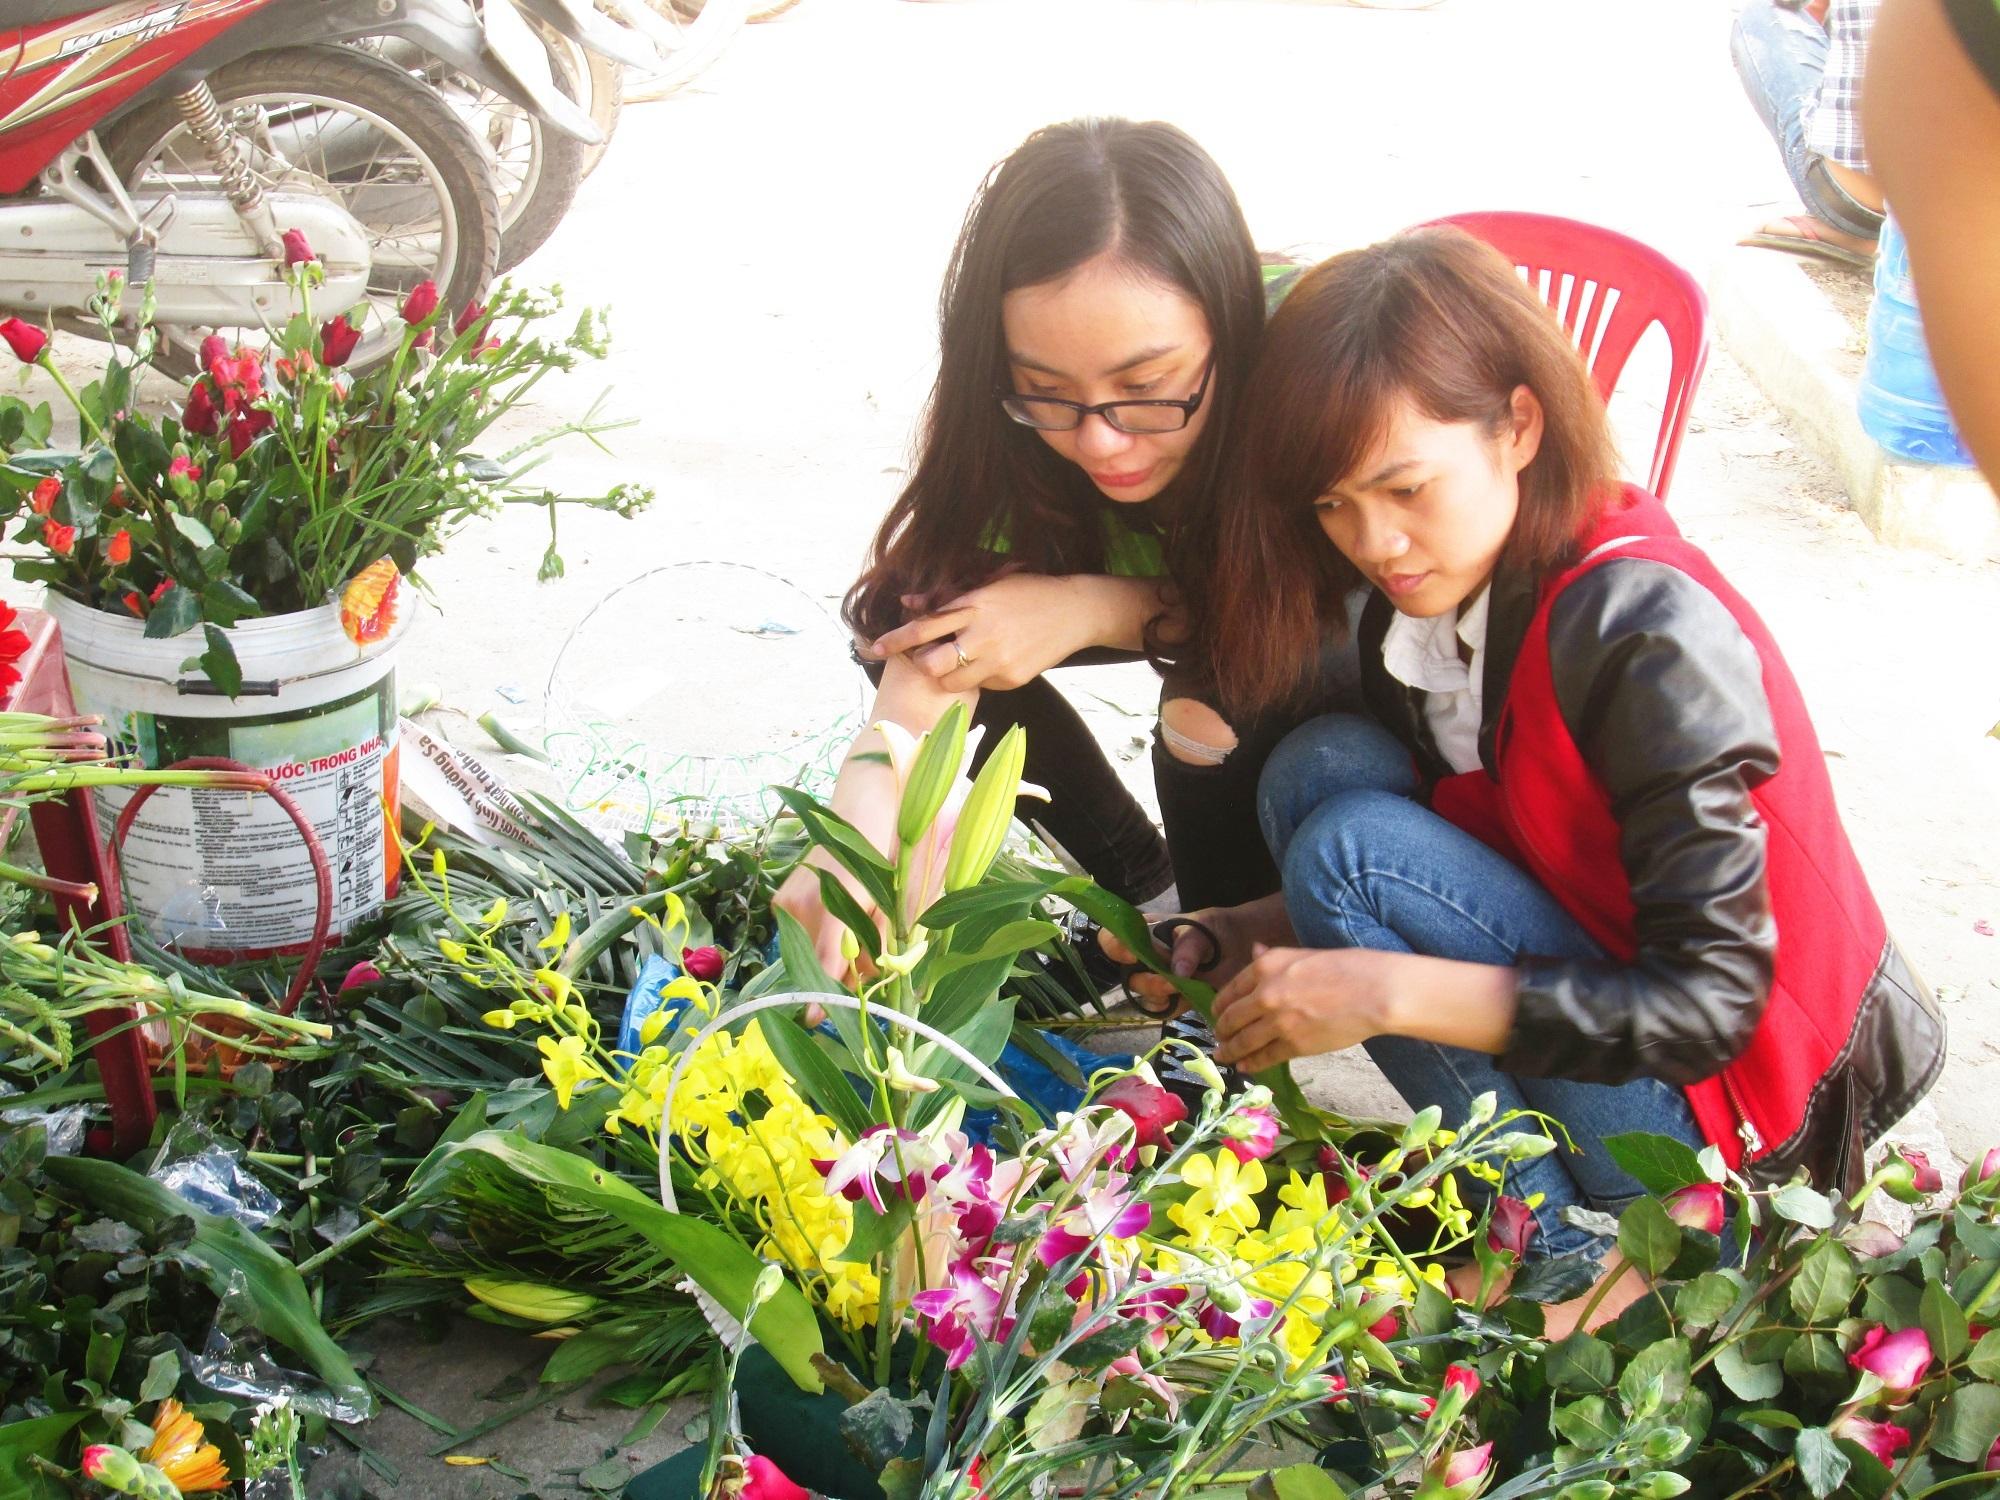 """2 """"thợ cắm hoa nghiệp dư"""" của nhóm đang thảo luận cách cắm hoa sao cho đẹp"""